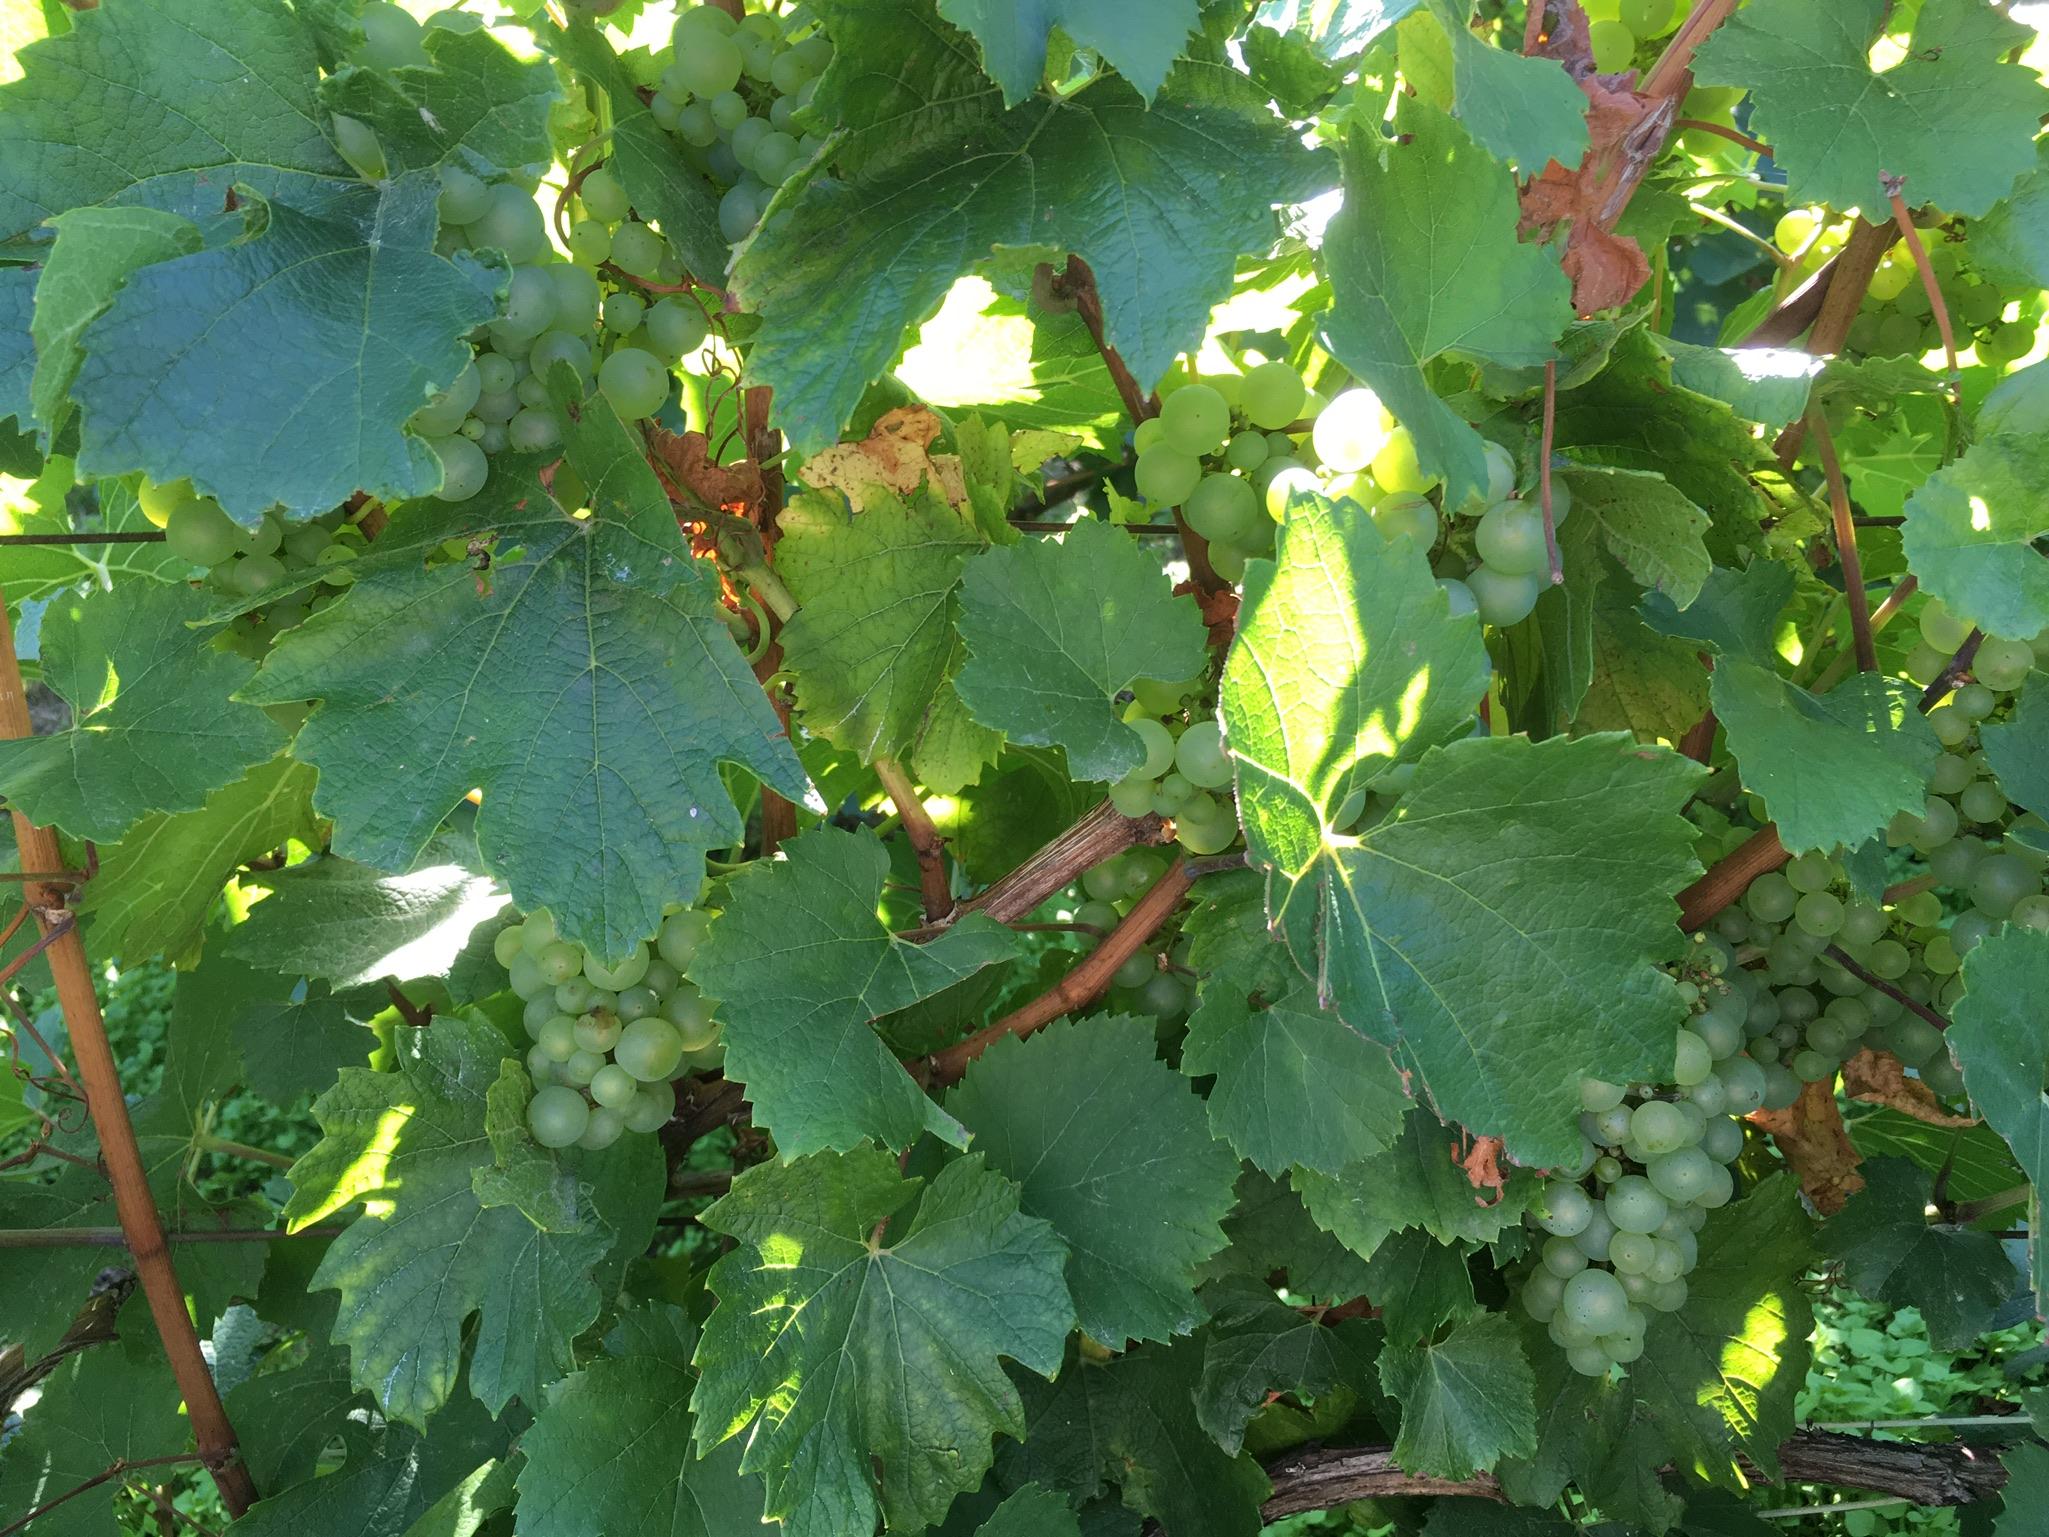 Un coup d'oeil dans les vignes le 26 août : des Chardonnays dans notre parcelle basse en Loisy-en-Brie.